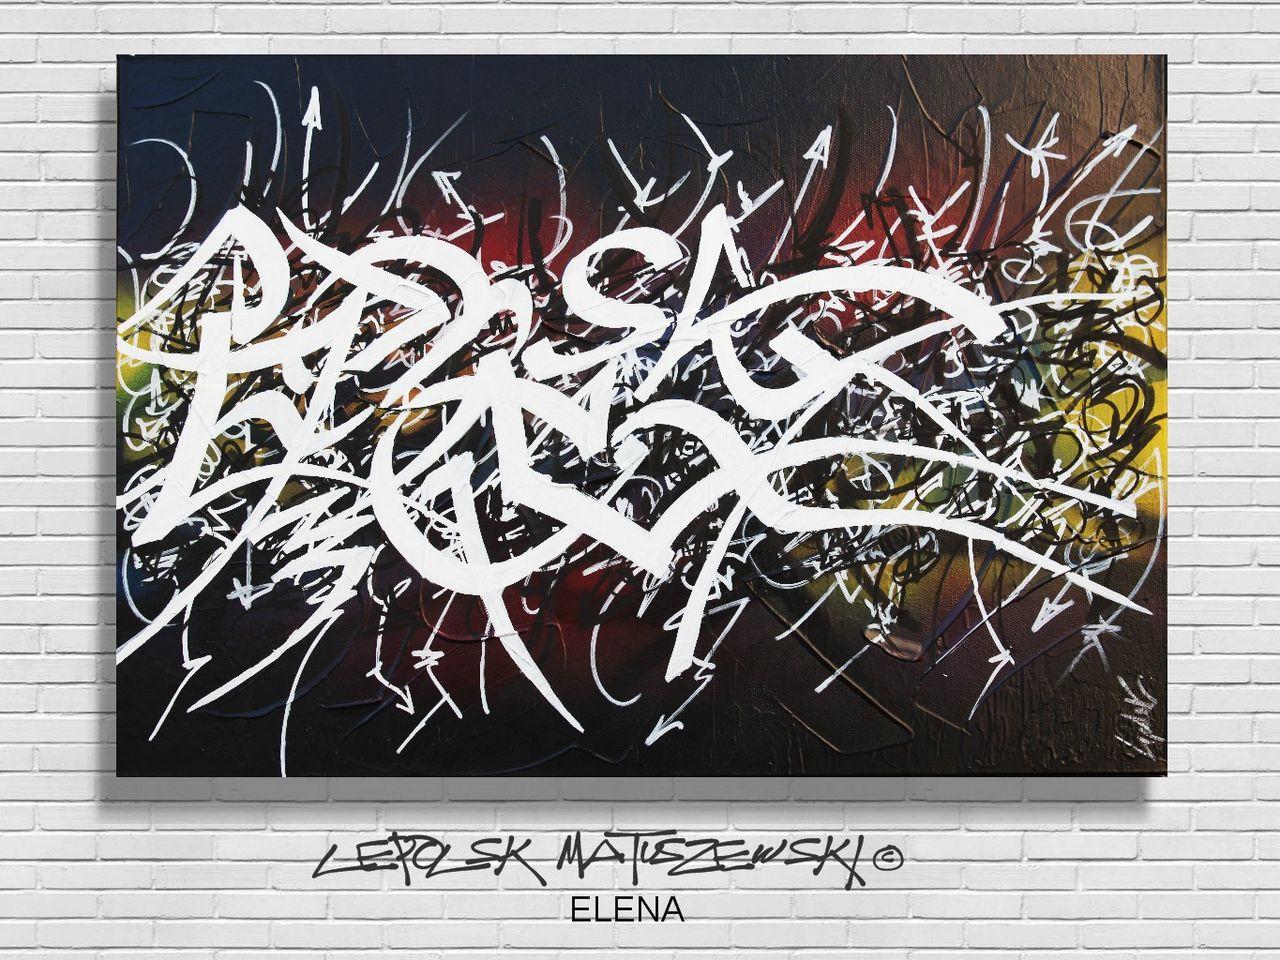 MK  Lepolsk Matuszewski ELENA  Calligraffiti abstraite